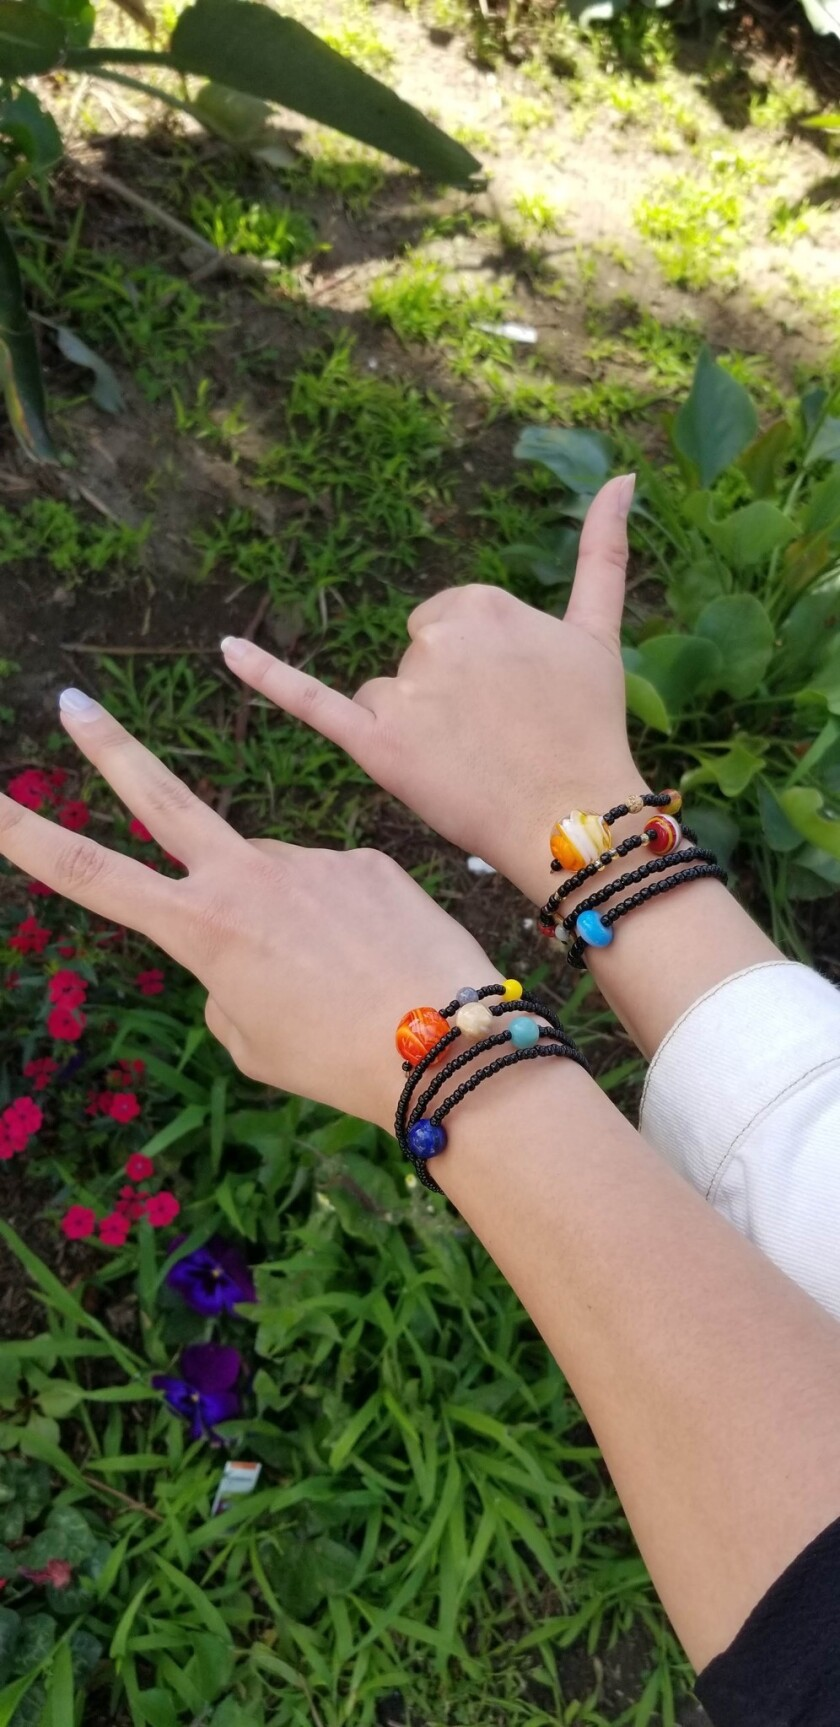 (Left) The Solar System bracelet currently for sale; (right) the original Solar System bracelet